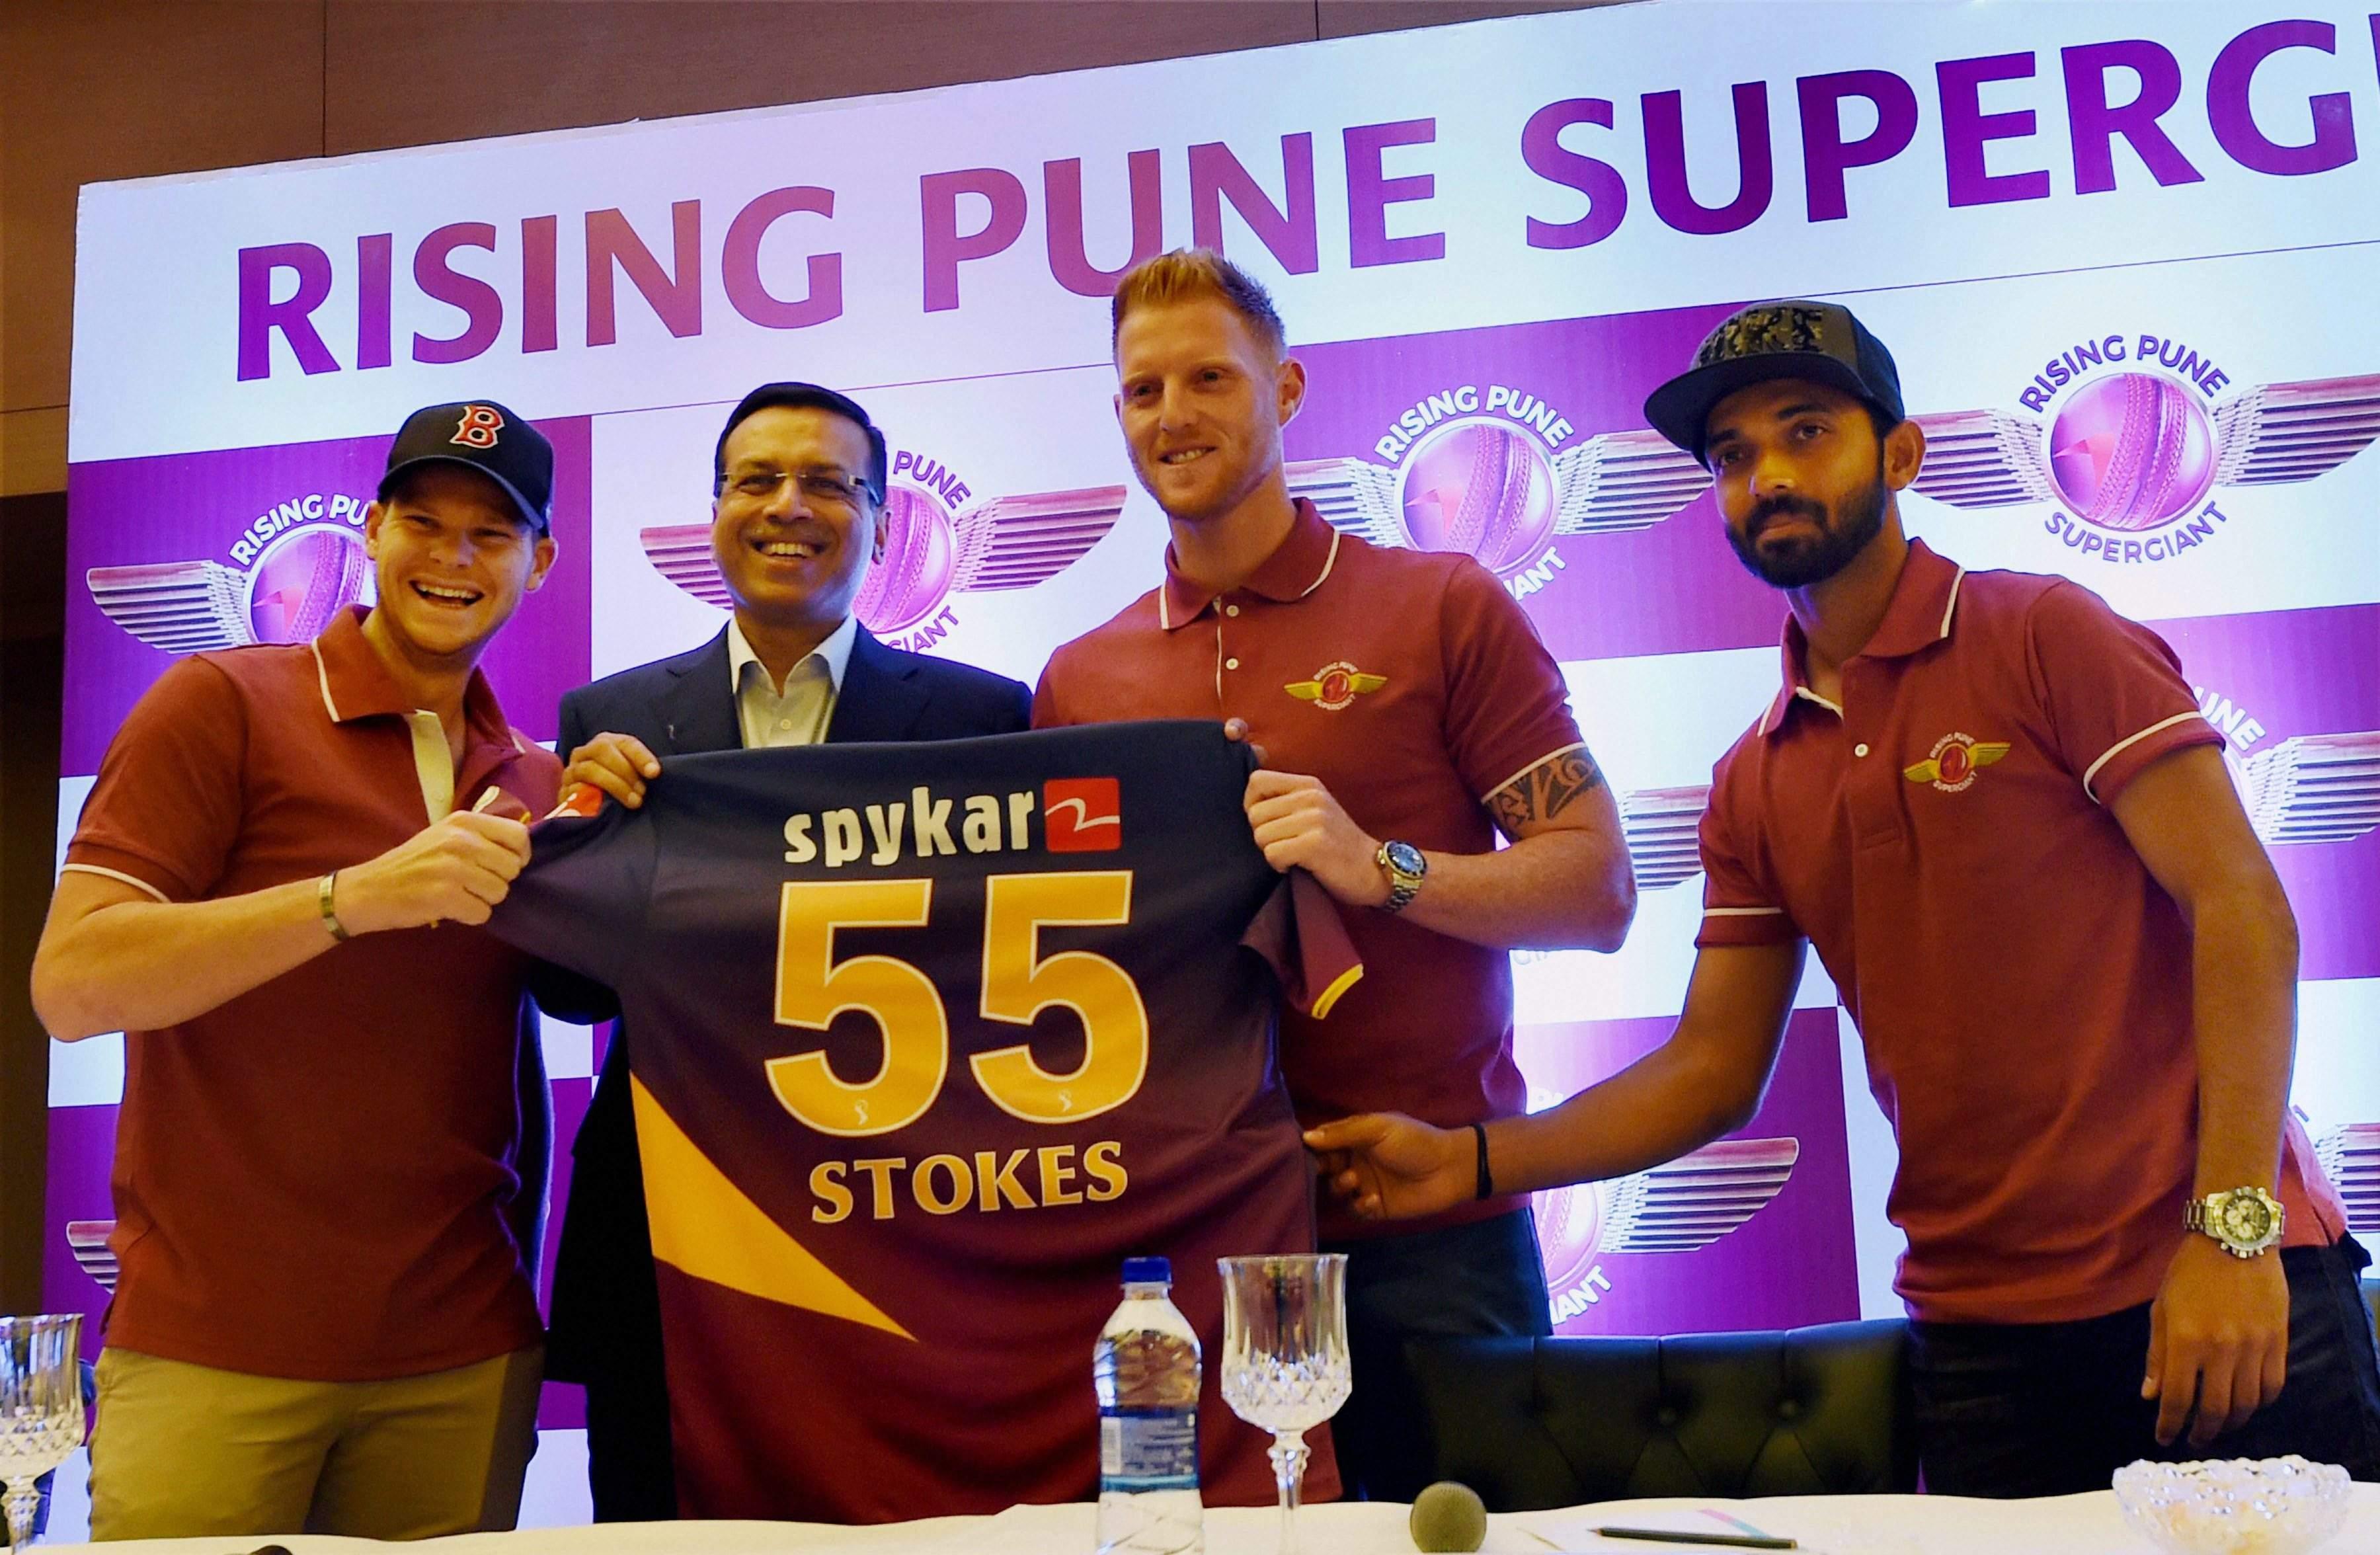 विवादों में फंसे बेन स्टोक्स के आईपीएल करियर पर आया फैसला, क्या आईपीएल में शामिल होंगे स्टोक्स? 2